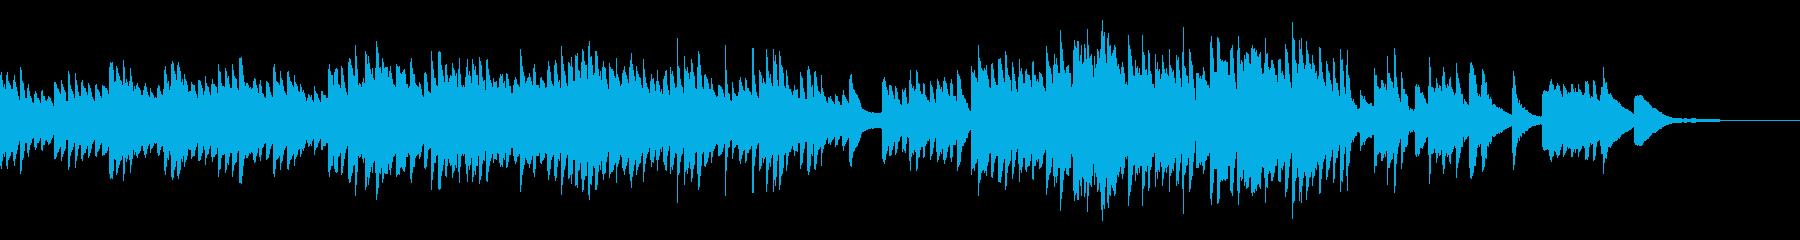 心温まる優しいピアノソロBGMの再生済みの波形